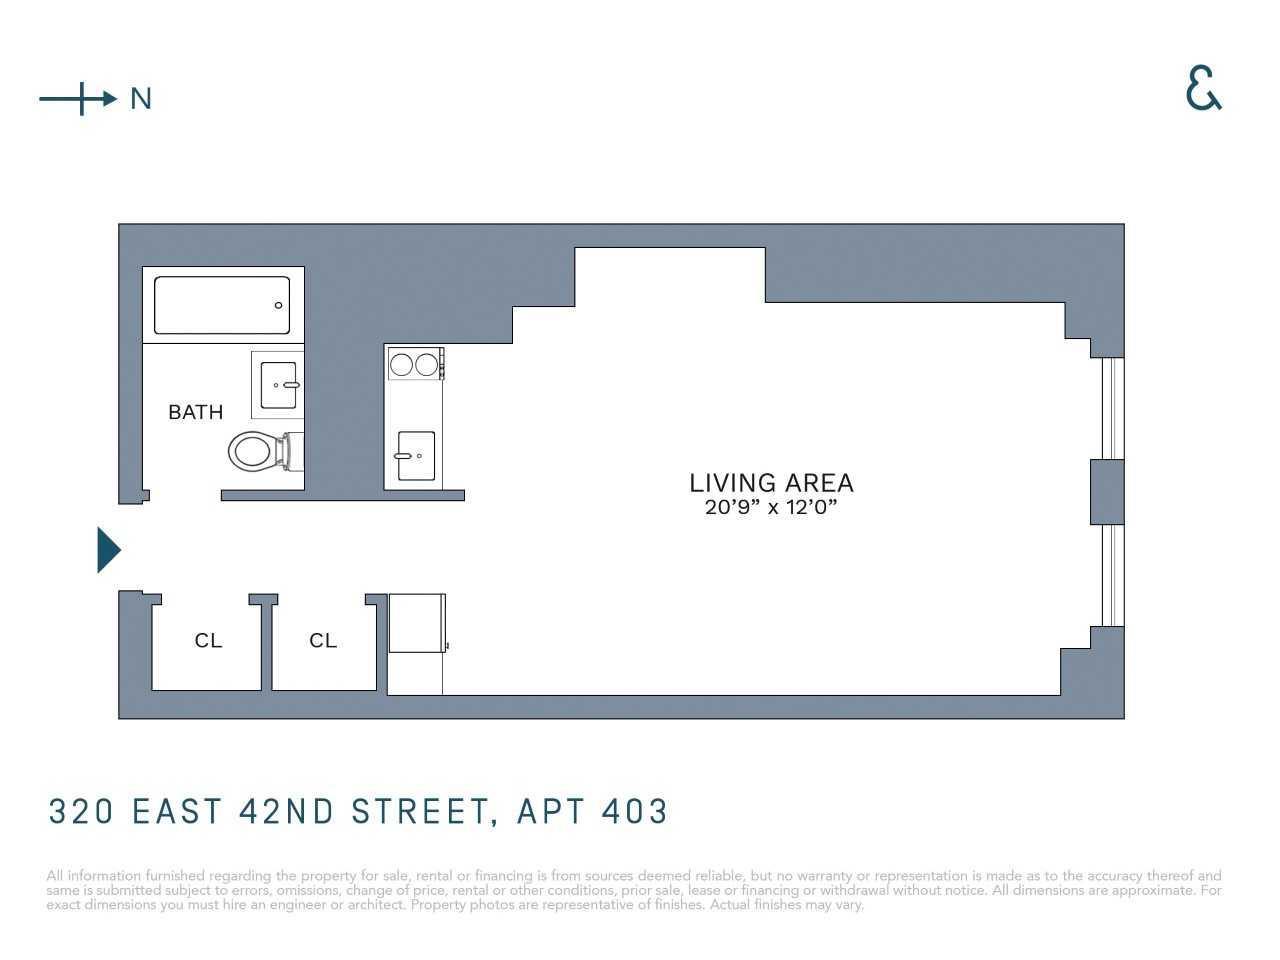 320 East 42nd Street 403 Tudor City New York NY 10017